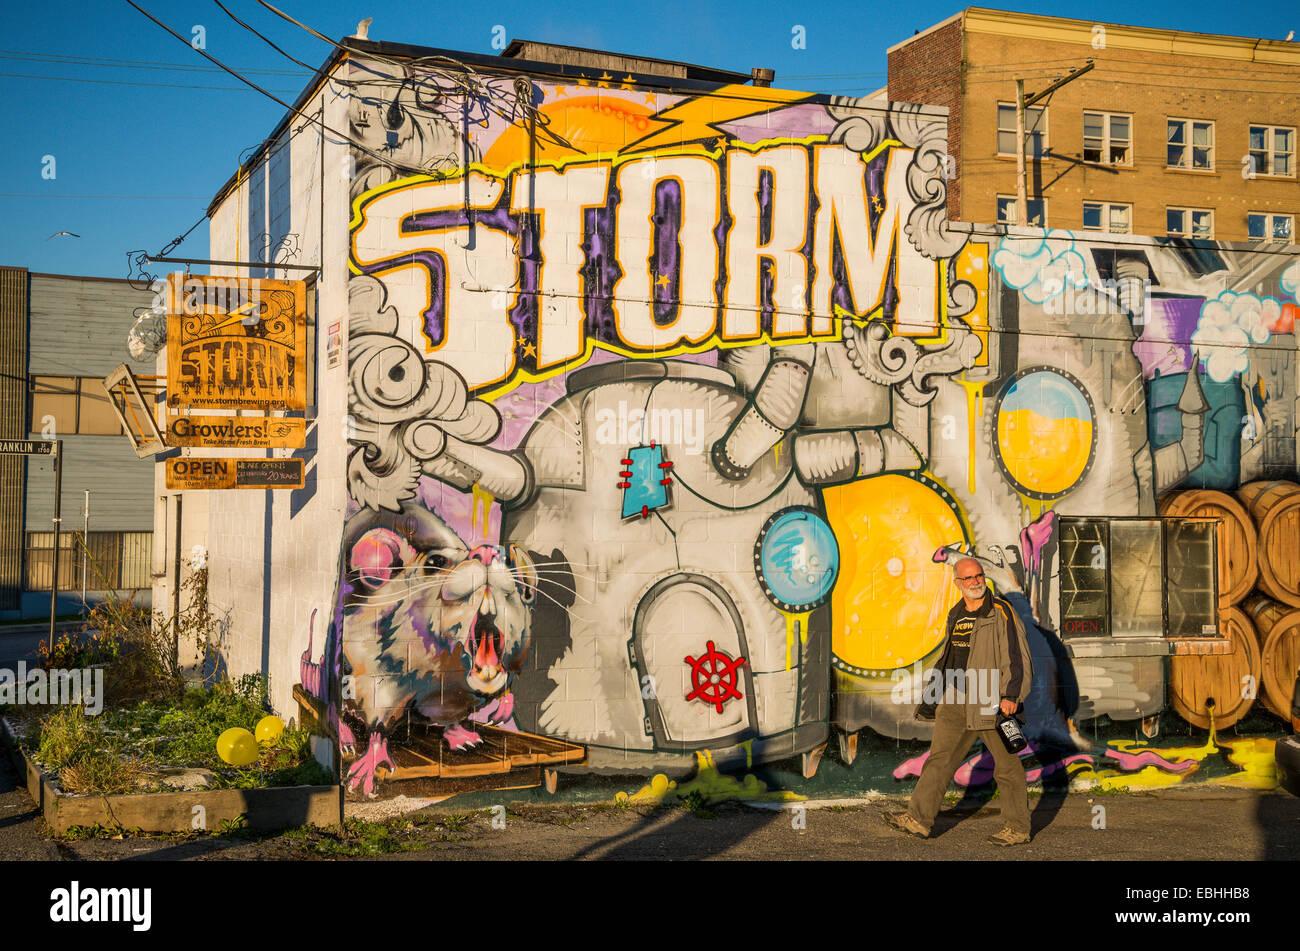 Uomo con growler di birra esce, Storm Brewing Company, Unità commerciale, Vancouver, British Columbia, Canada Immagini Stock